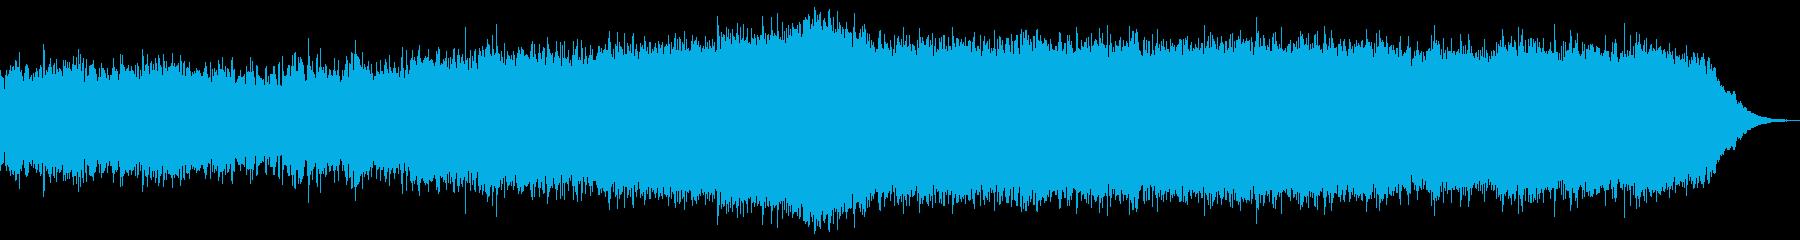 ミドルテンポのギターインストの再生済みの波形